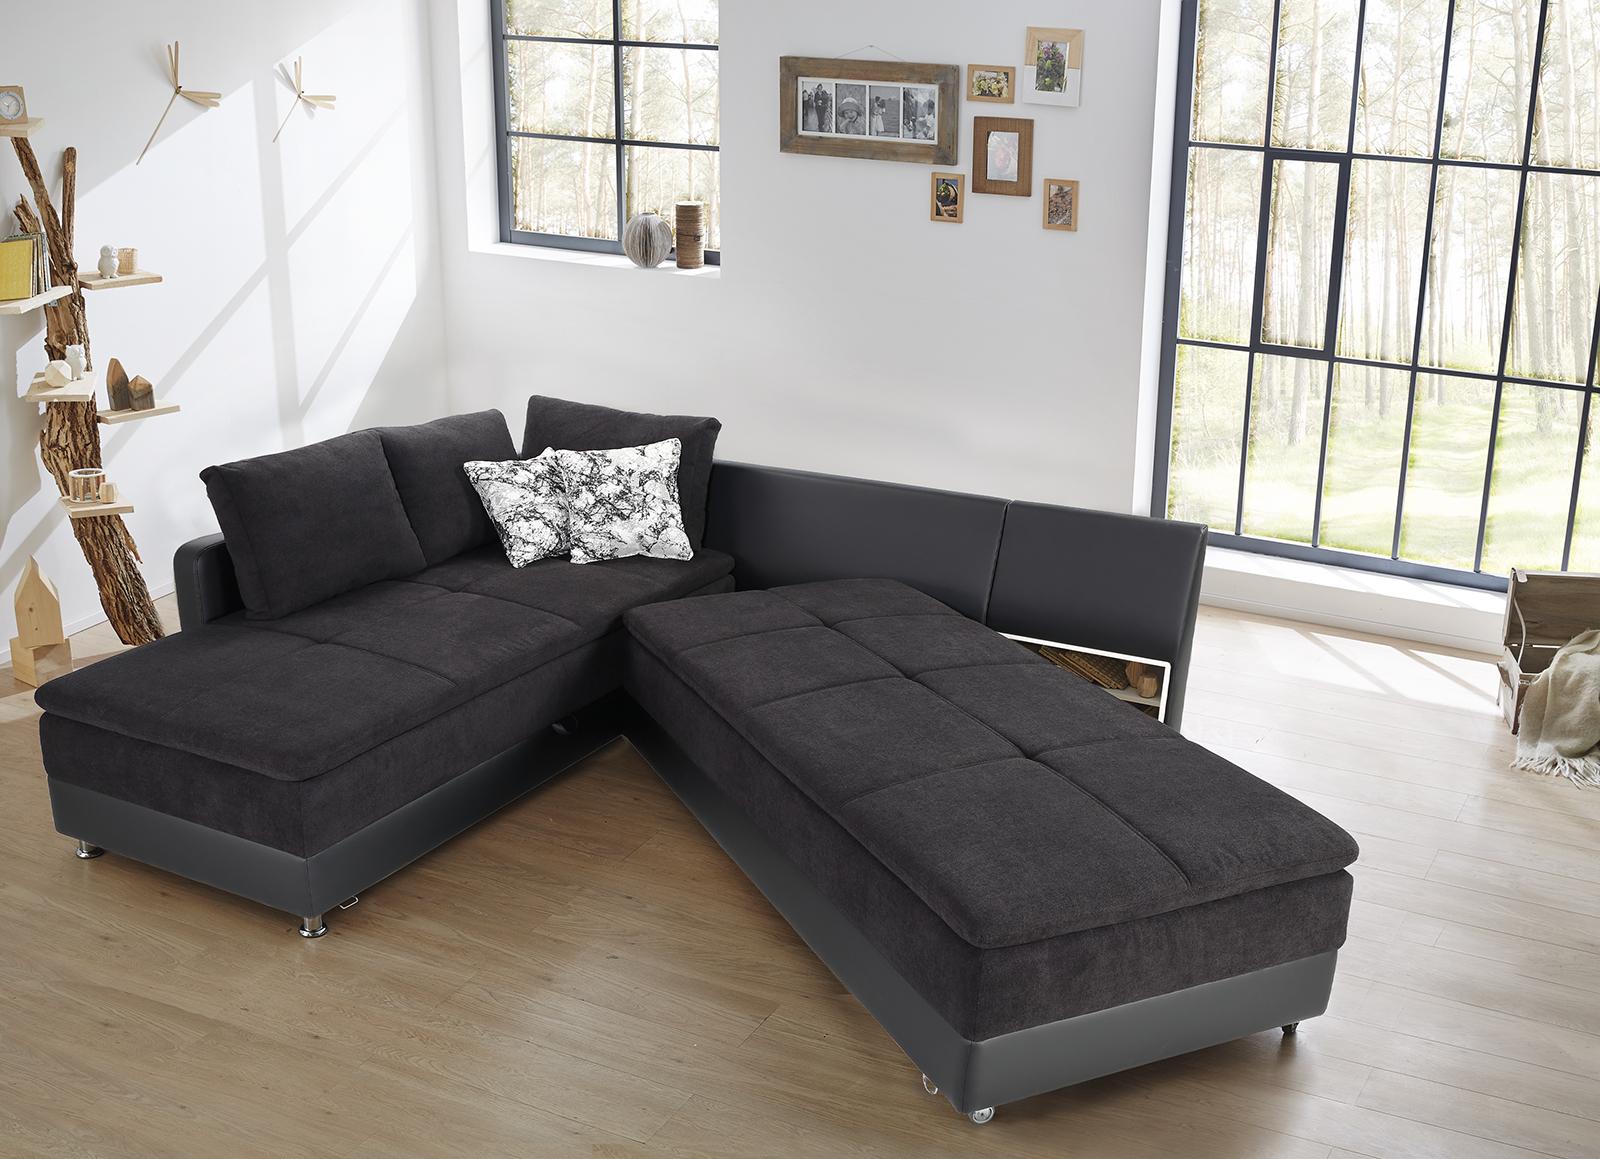 wohnlandschaft dauerschl fer inkl bettkasten schwenkteil. Black Bedroom Furniture Sets. Home Design Ideas